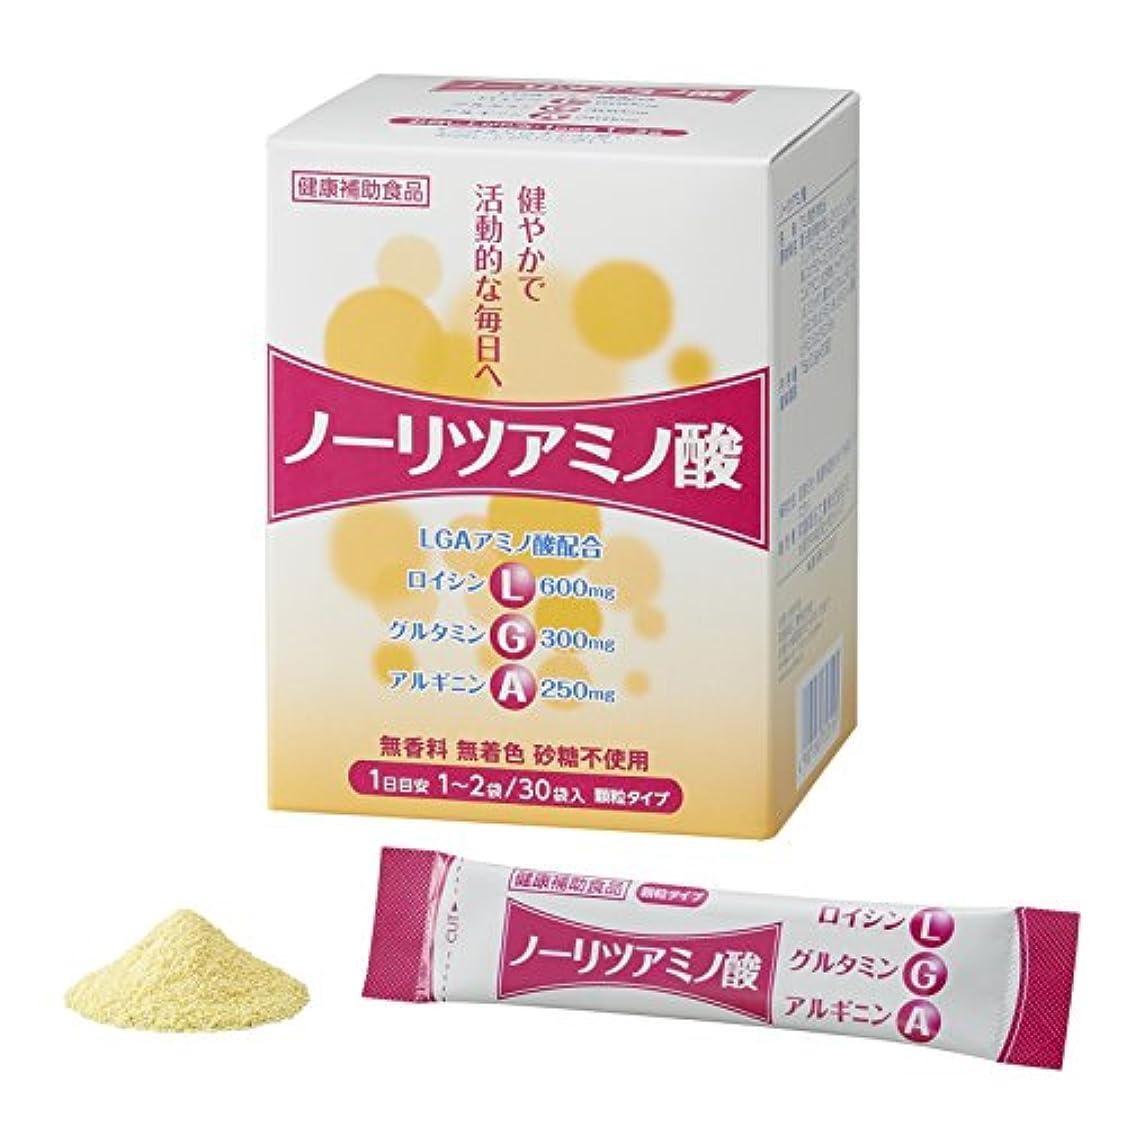 早熟エコー疑わしいトキワ ノーリツアミノ酸(2.5g x 30袋入)